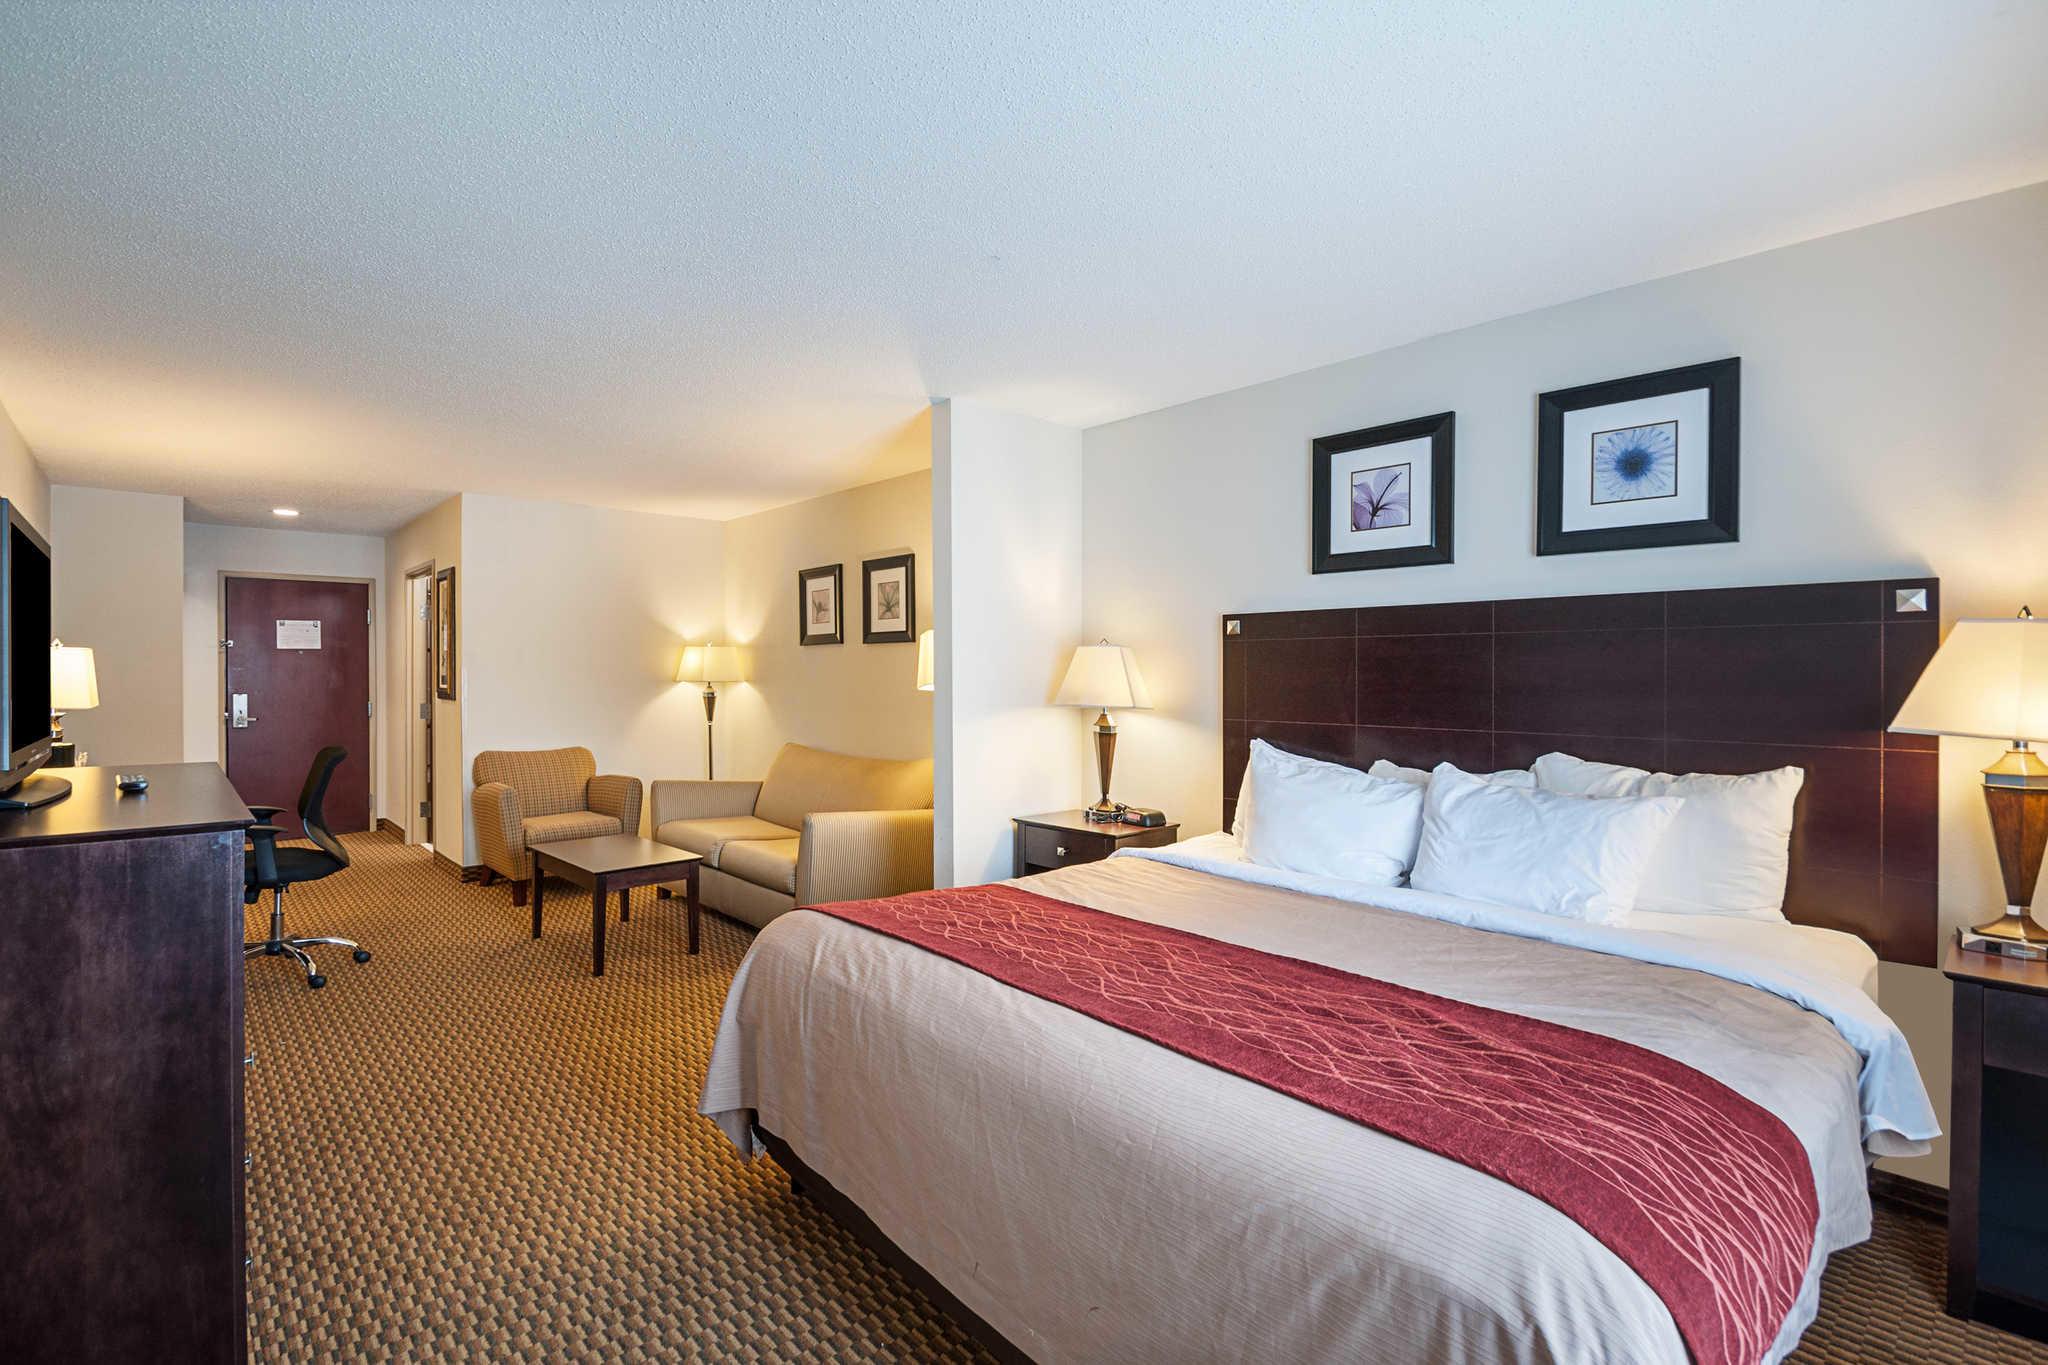 Comfort Inn & Suites Cambridge image 23